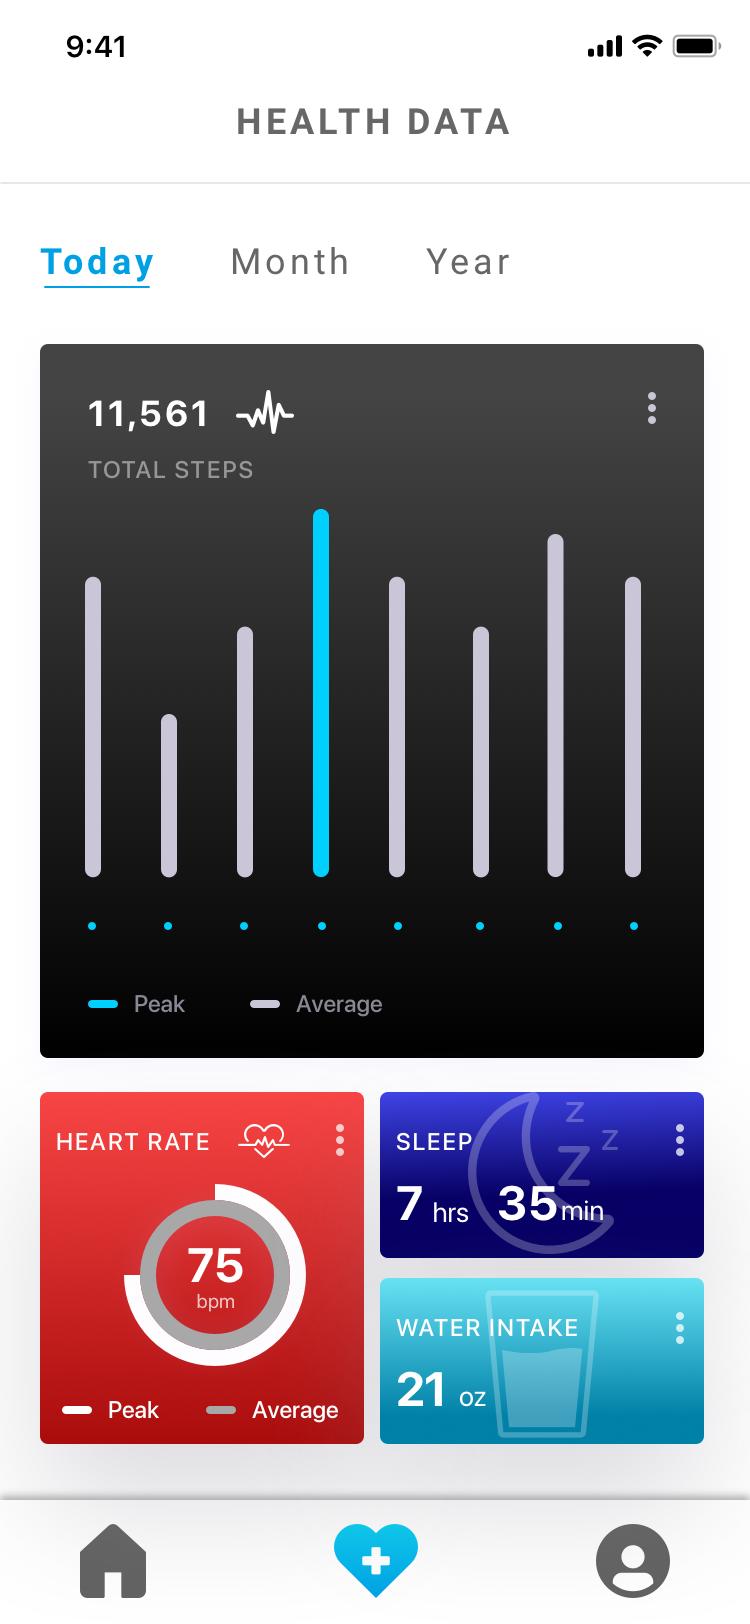 mHealth-patient-app